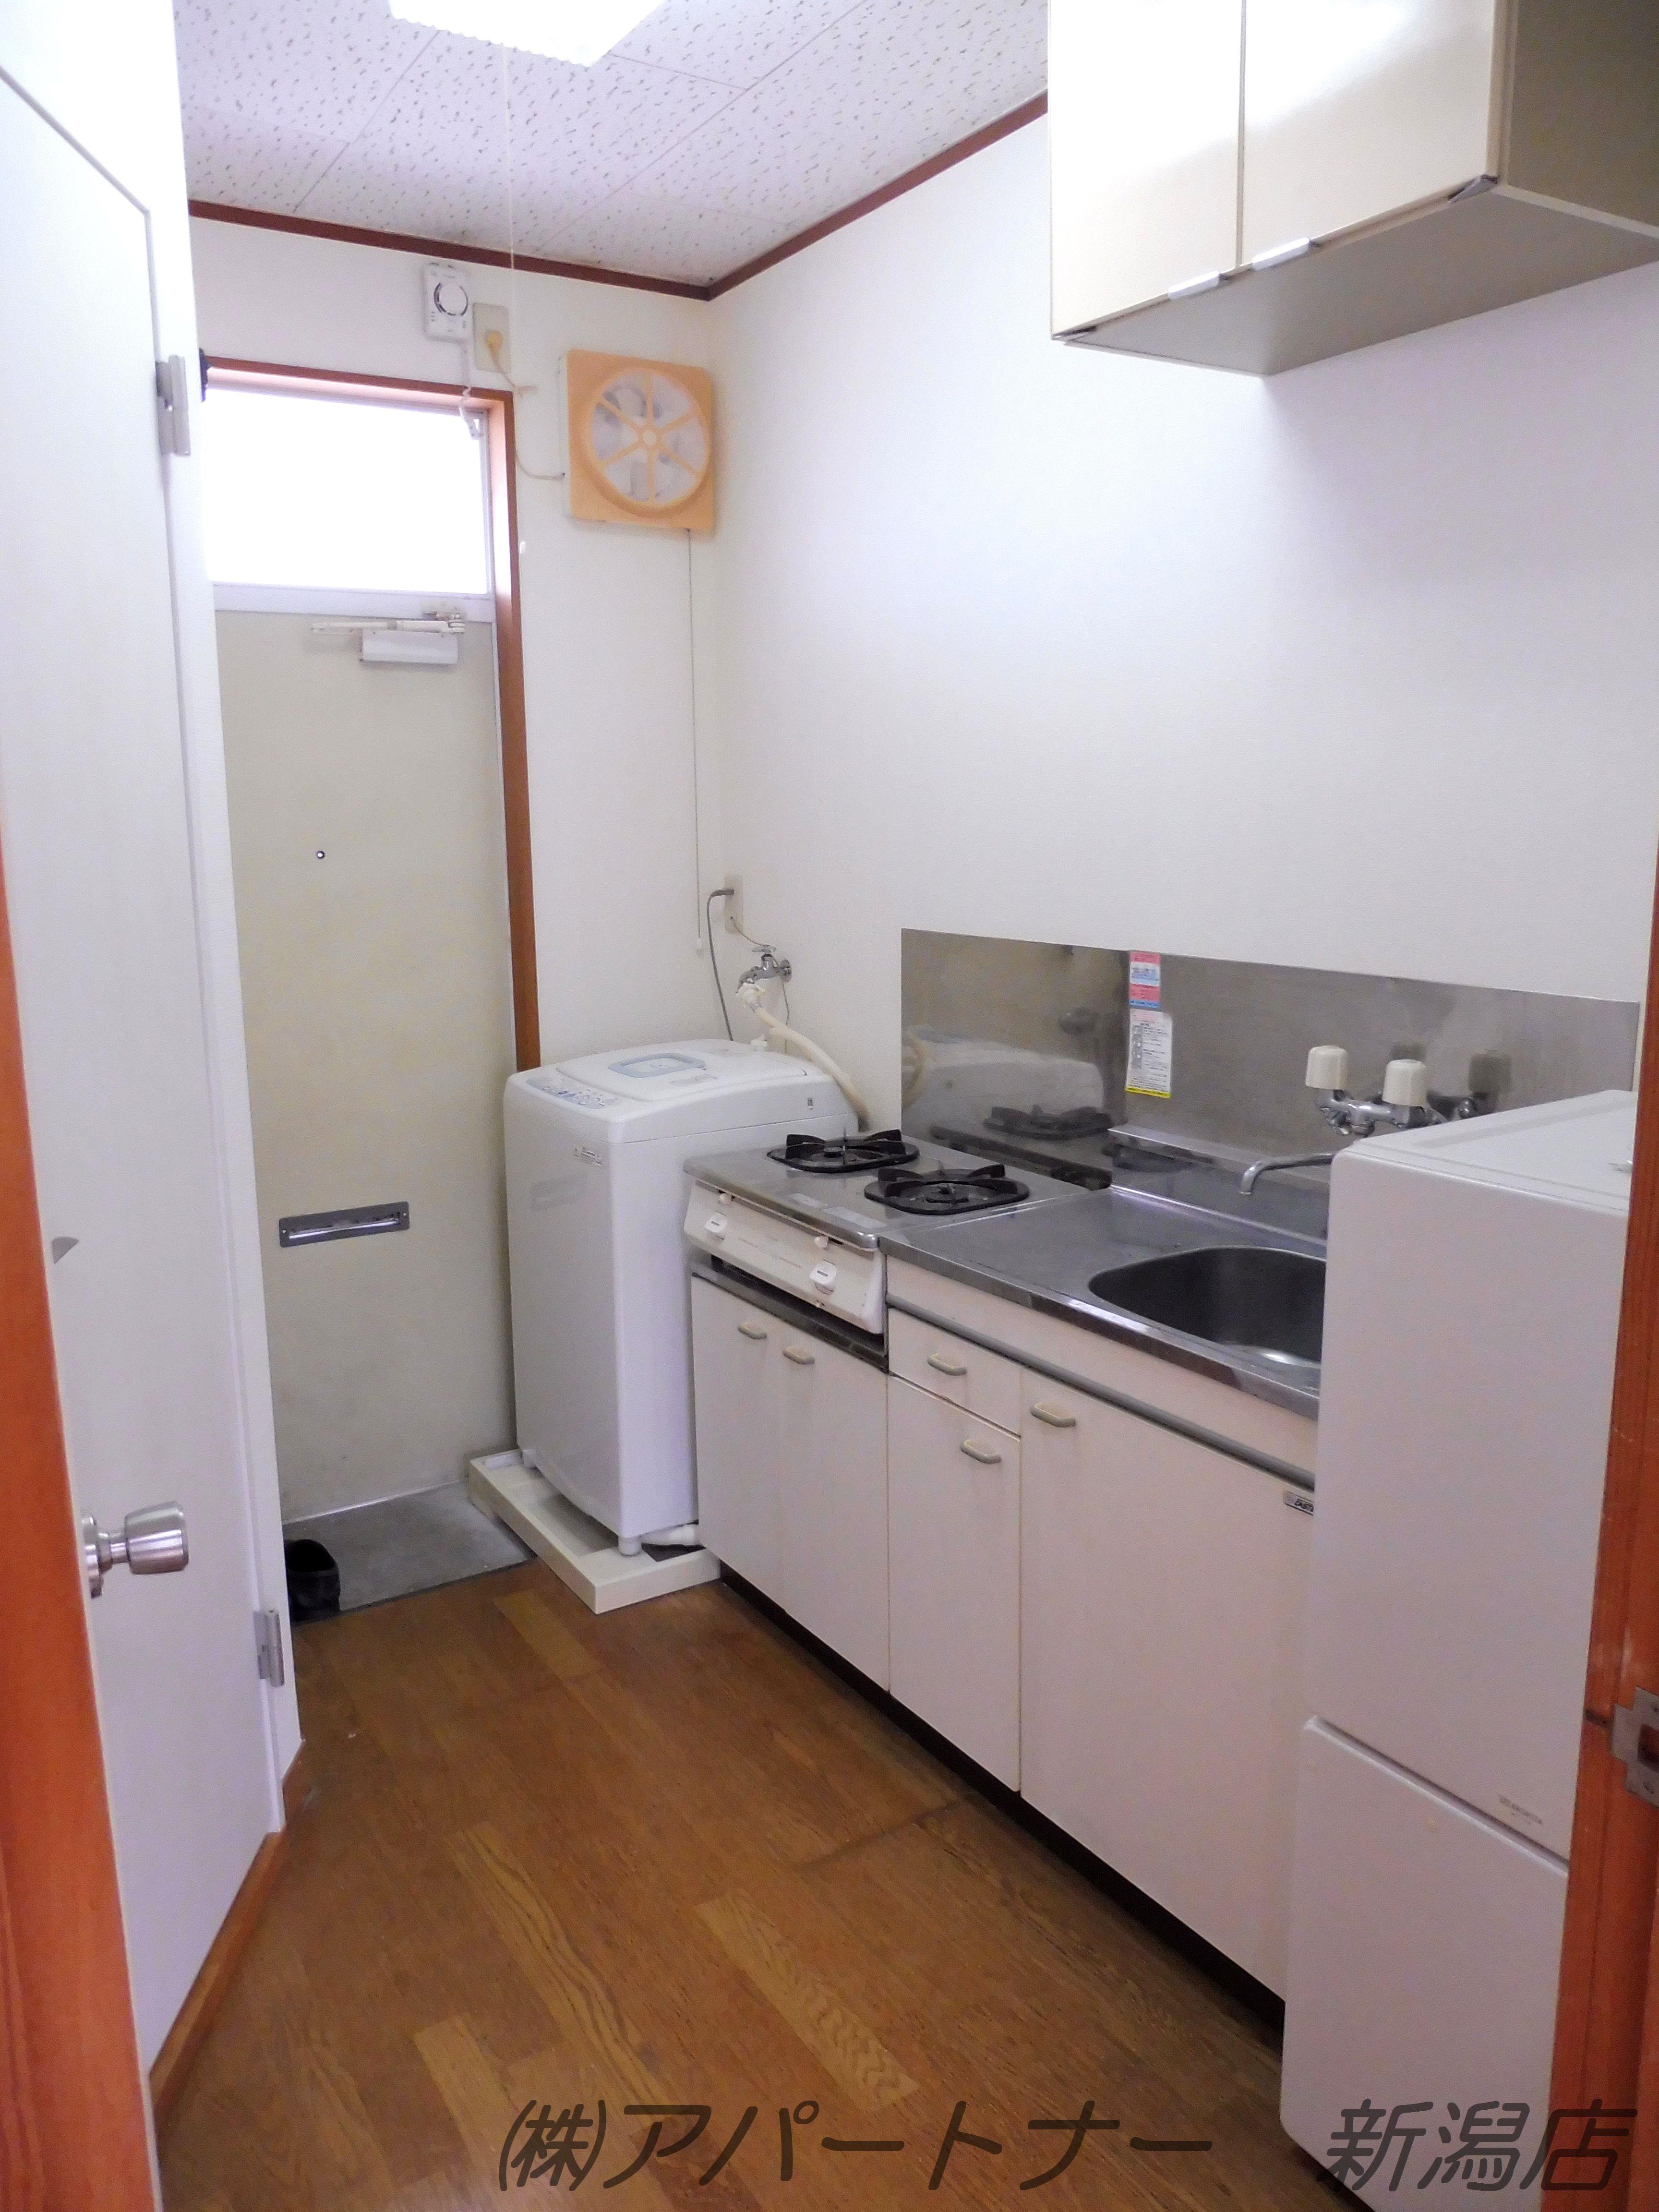 冷蔵庫、洗濯機、ガスコンロ完備